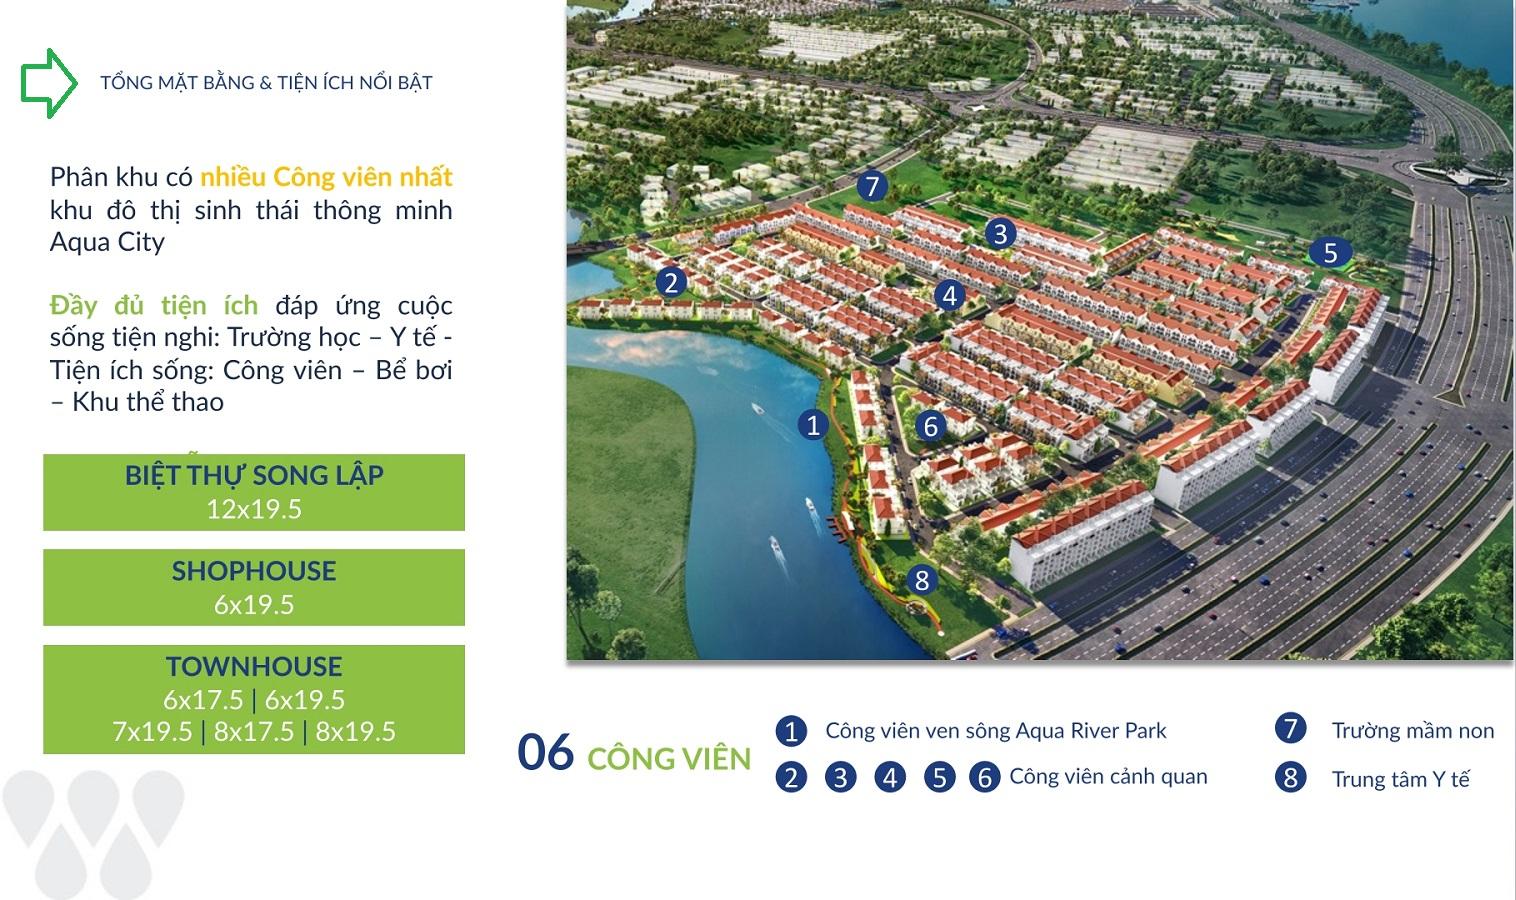 mat-bang-river-park-1-aqua-city